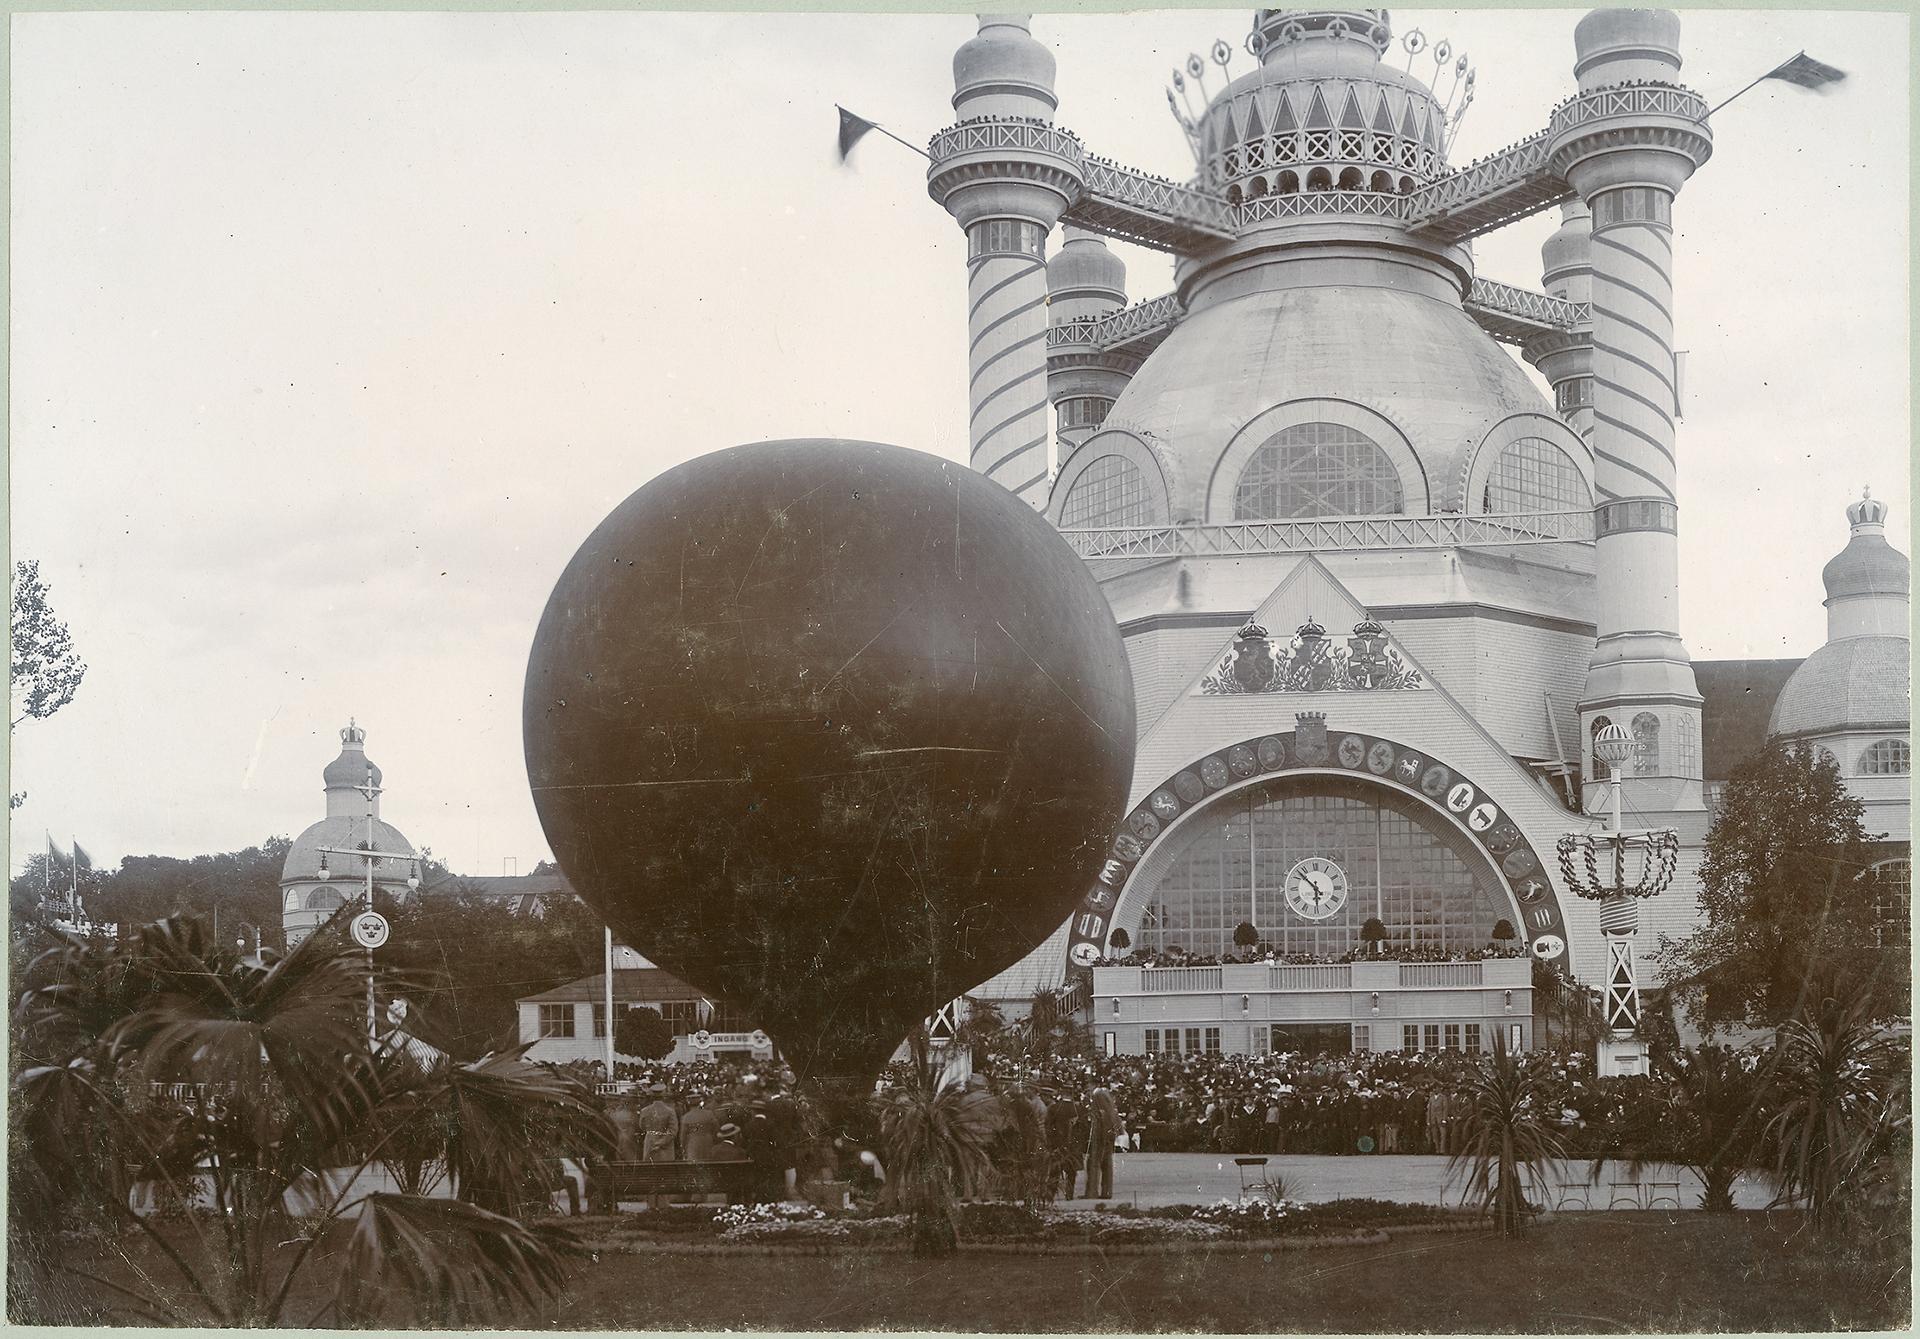 En luftballong framför den stora industrihallen. Hundratals människor står tätt tillsammans framför byggnaden och tittar mot ballongen.